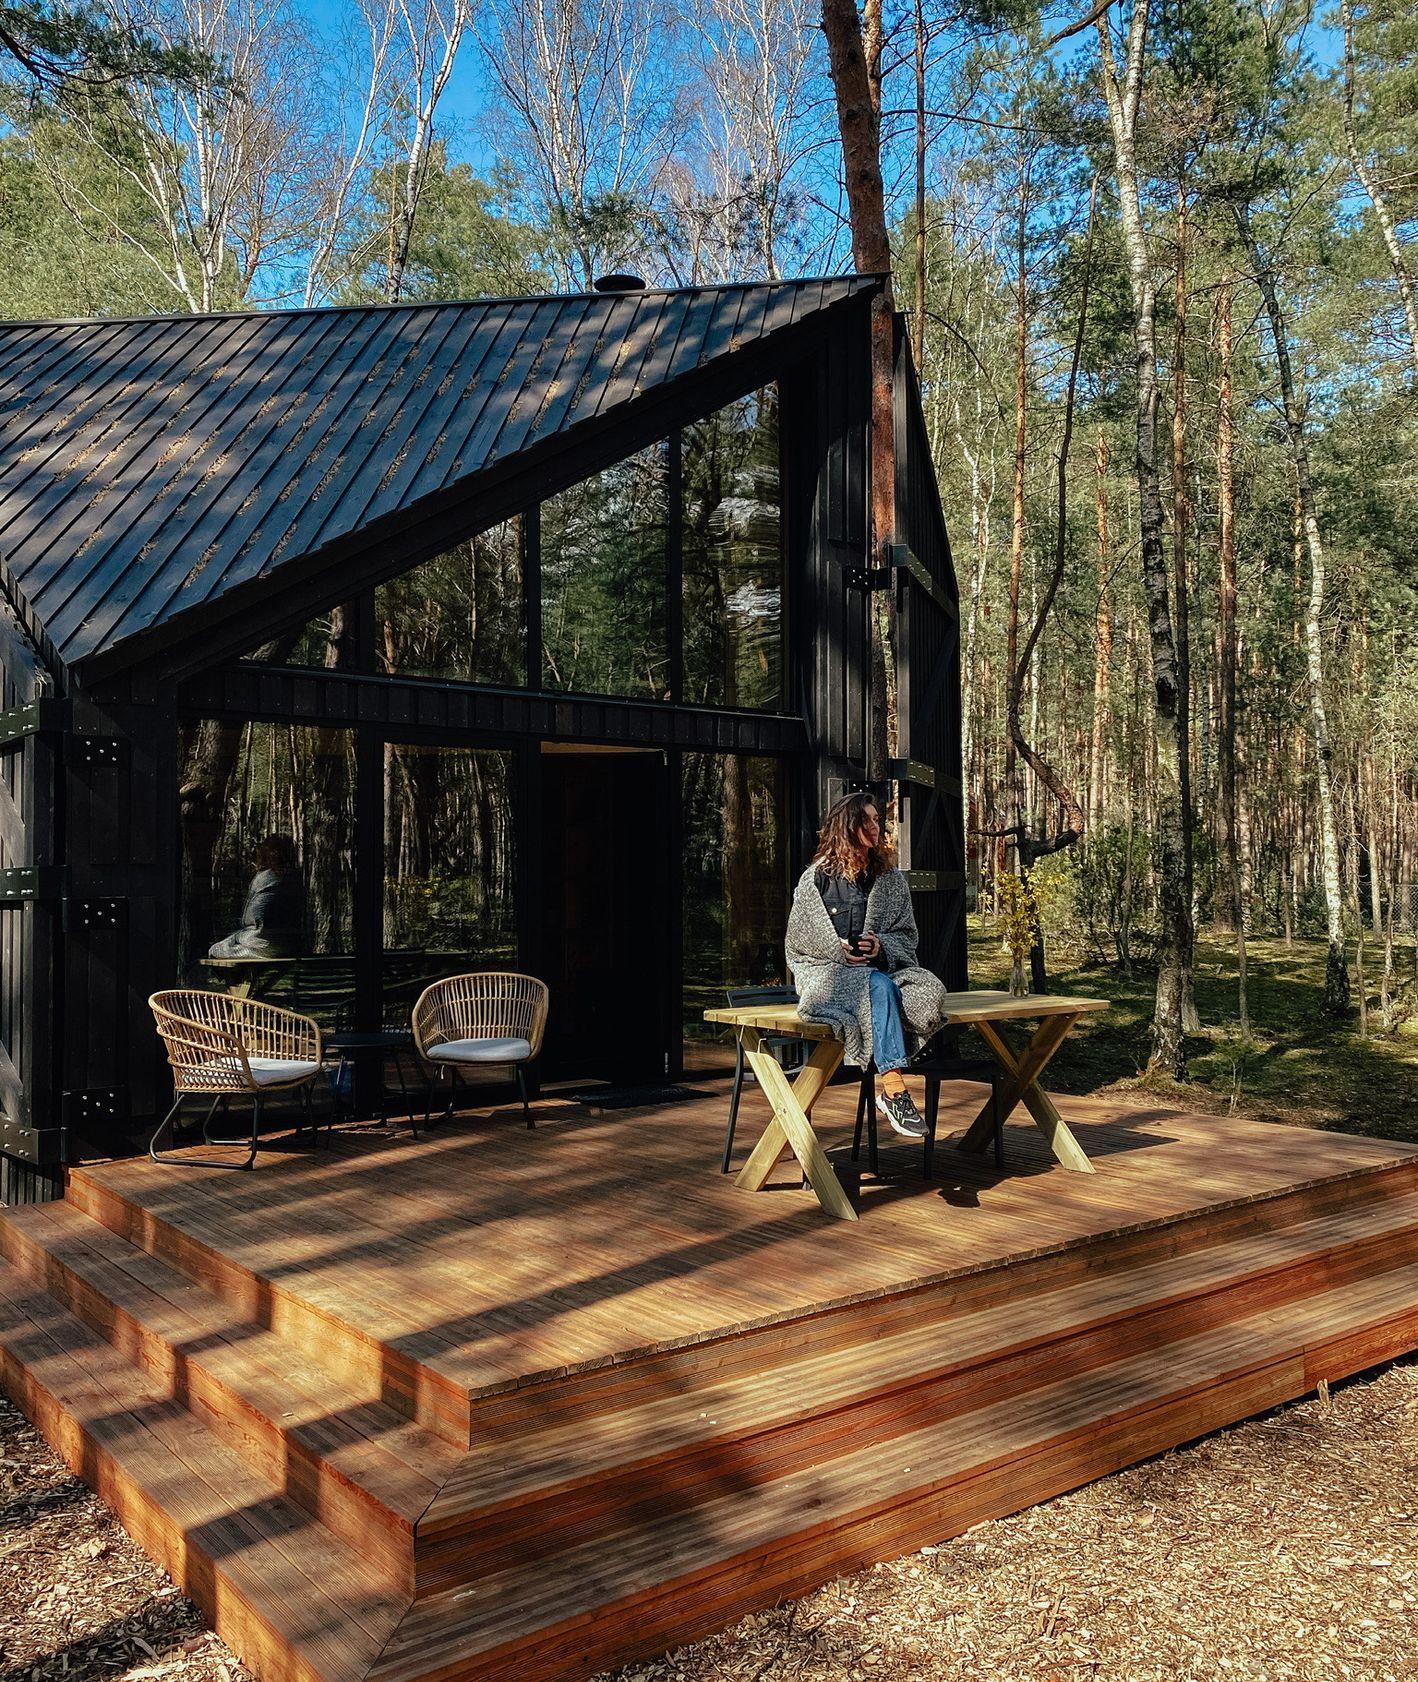 Wypoczynek na Mazowszu, ForRest Cabin, urlop w lesie, miejsce na urlop (fot. Paweł Fabianek